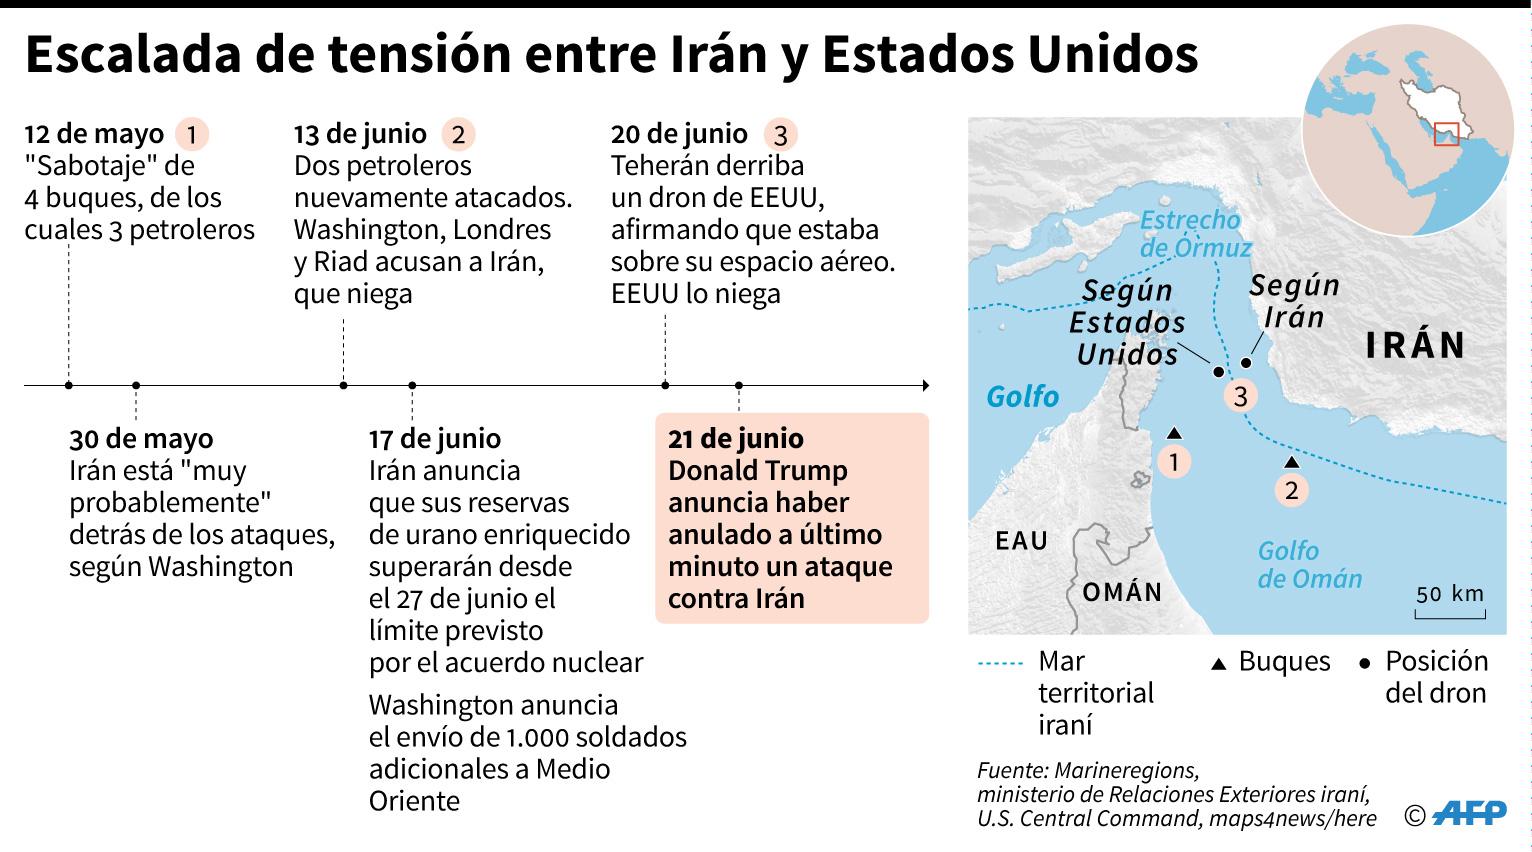 Cronología de los acontecimientos entre Irán y Estados Unidos desde el 12 de mayo y mapa de la zona del estrecho de Ormuz. (AFP)